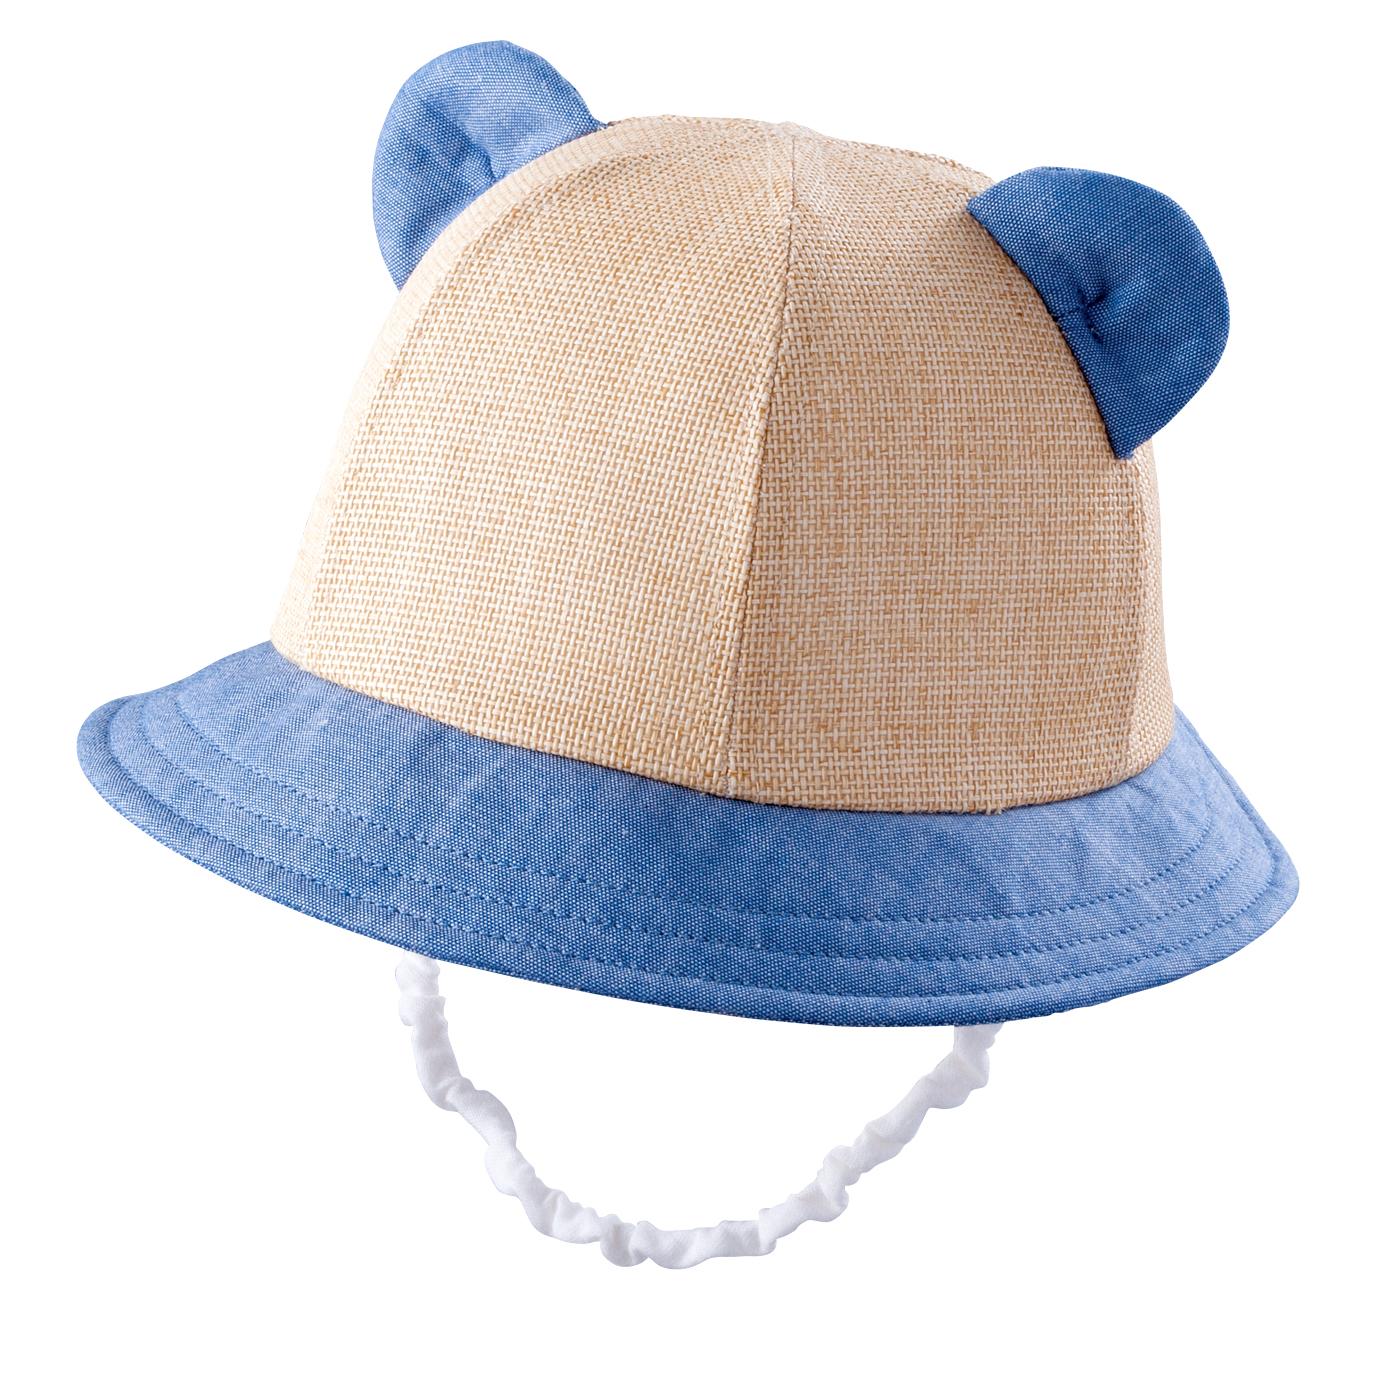 ダンガリー / 帽子